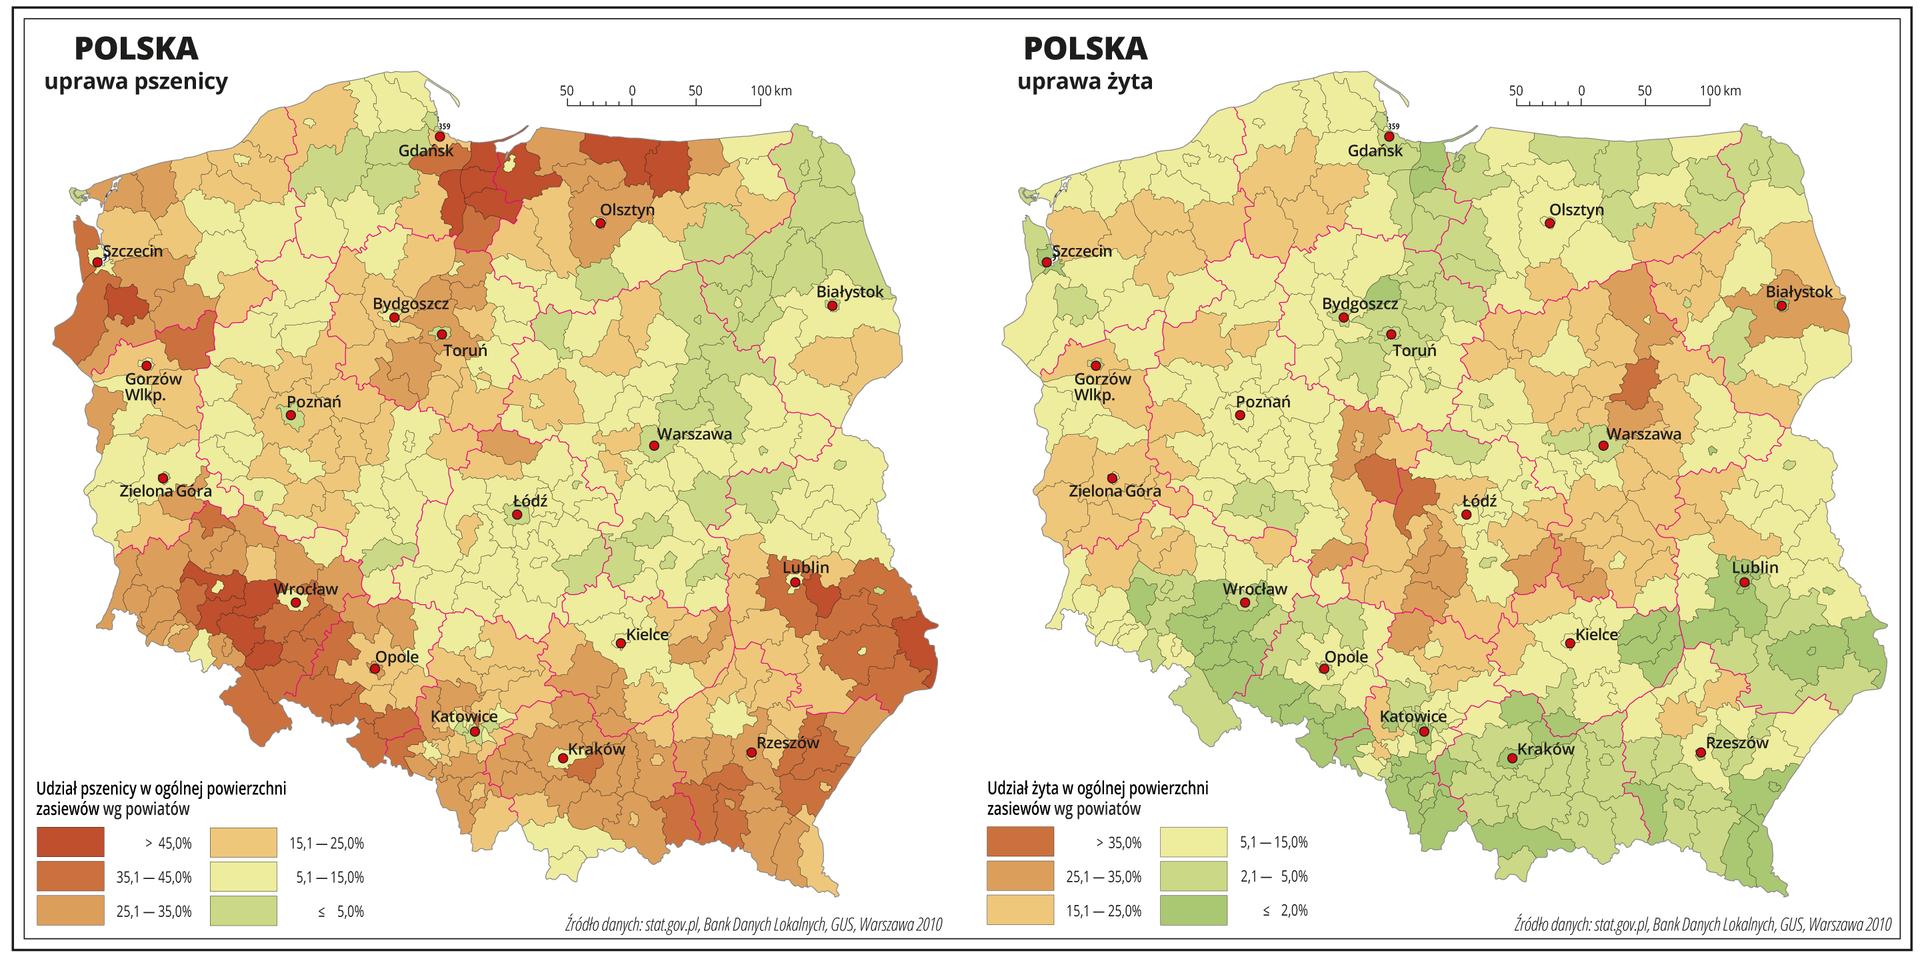 Ilustracja przedstawia dwie mapy Polski, na których pokazano udział pszenicy iżyta wogólnej powierzchni zasiewów według powiatów. Na mapie czerwonymi liniami oznaczono granice województw, aczarnymi granice powiatów, czerwonymi kropkami oznaczono miasta wojewódzkie ije opisano. Uprawa pszenicy. Kolorem czerwonym oznaczono obszary, wktórych uprawa pszenicy przekracza czterdzieści pięć procent ogólnej powierzchni zasiewów. Obejmują one powiaty wwojewództwie dolnośląskim, lubelskim, pomorskim iwarmińsko-mazurskim. Bezpośrednio do tych powiatów przylegają obszary orównie dużym odsetku pszenicy wogólnej powierzchni zasiewów, wynoszącym powyżej dwudziestu pięciu procent. Kolorem żółtym oznaczono obszary, na których udział pszenicy wogólnej powierzchni zasiewów wynosi od pięciu do piętnastu procent iobejmuje on przeważającą część mapy – centralną Polskę. Kolorem zielonym oznaczono obszary, na których uprawa pszenicy nie przekracza pięciu procent ogólnej powierzchni zasiewów iwystępują one wwojewództwie mazowieckim, podlaskim ipomorskim. Poniżej mapy opisano kolory użyte na mapie. Uprawa żyta. Odcieniami koloru zielonego iżółtego oznaczono obszary, wktórych udział żyta wogólnej powierzchni zasiewów wynosi poniżej piętnastu procent. Obejmują one większą powierzchnię mapy. Najniższe wartości są na południu Polski, wwojewództwie dolnośląskim, na obszarach górskich, na Wyżynie Lubelskiej oraz wwojewództwie kujawsko-pomorskim, pomorskim iwarmińsko-mazurskim. Powiaty wktórych udział żyta wogólnej powierzchni zasiewów przekracza piętnaście procent oznaczono odcieniami koloru pomarańczowego iwystępują one wwojewództwach łódzkim, mazowieckim, podlaskim, lubuskim, zachodniopomorskim ipomorskim. Poniżej mapy opisano kolory użyte na mapie.